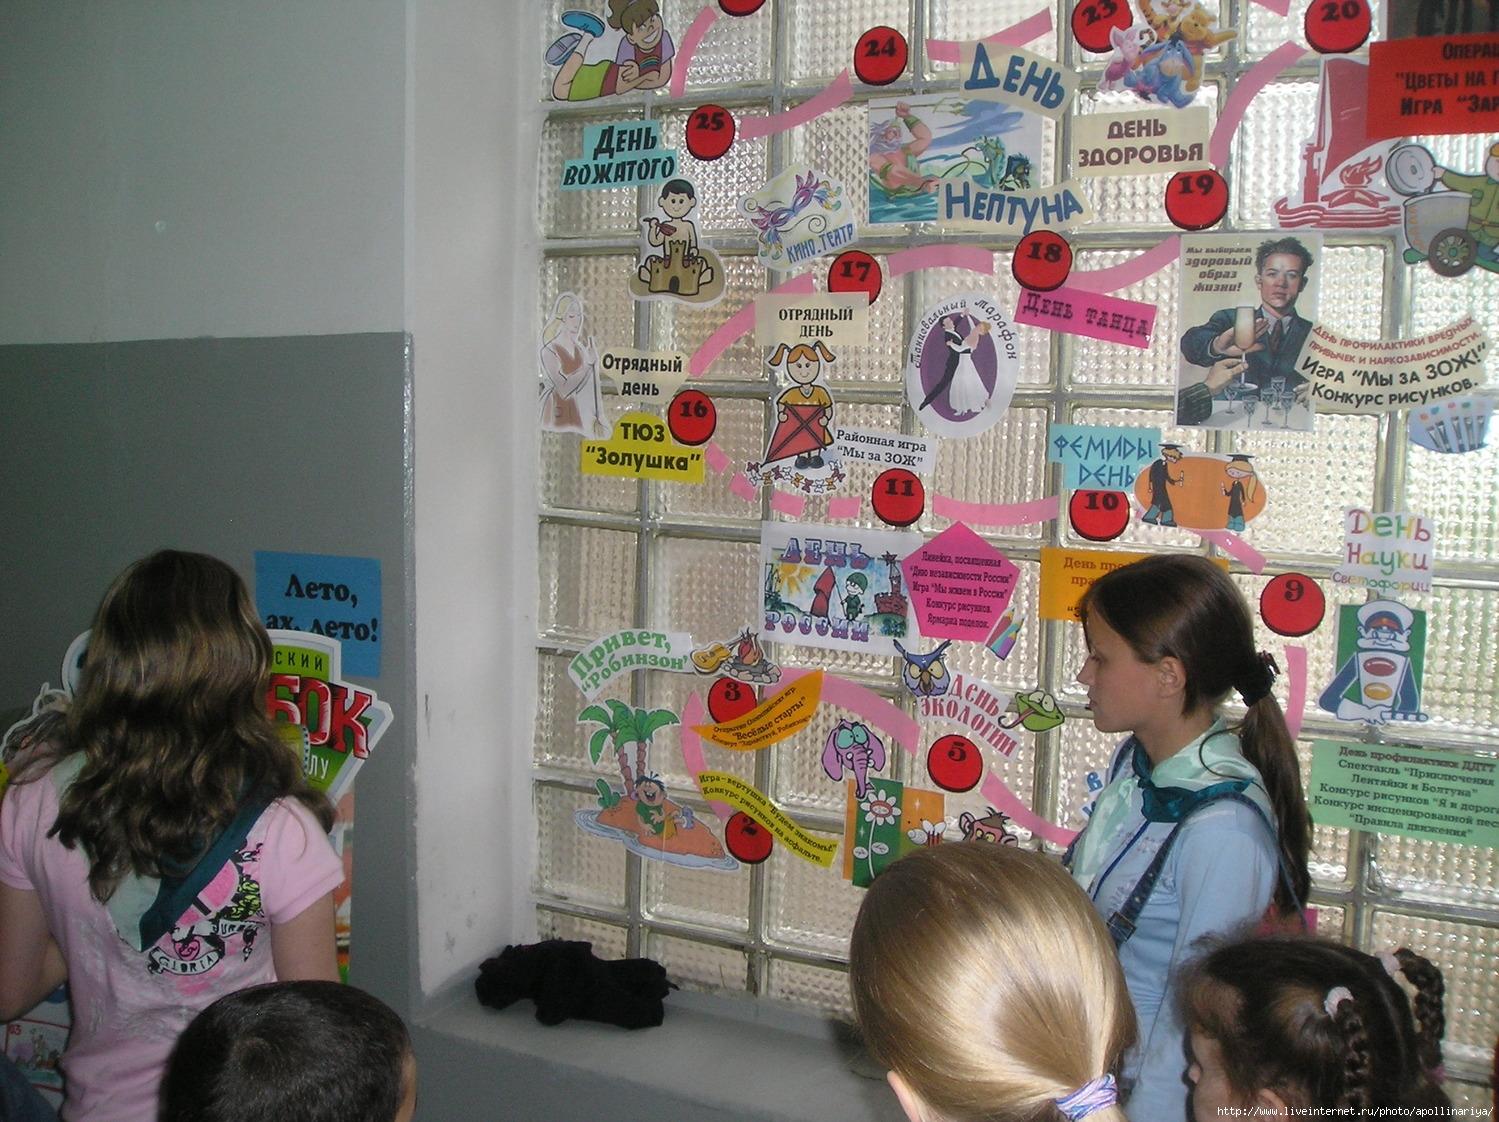 Сценарий мероприятия для детей в лагере дневного пребывания